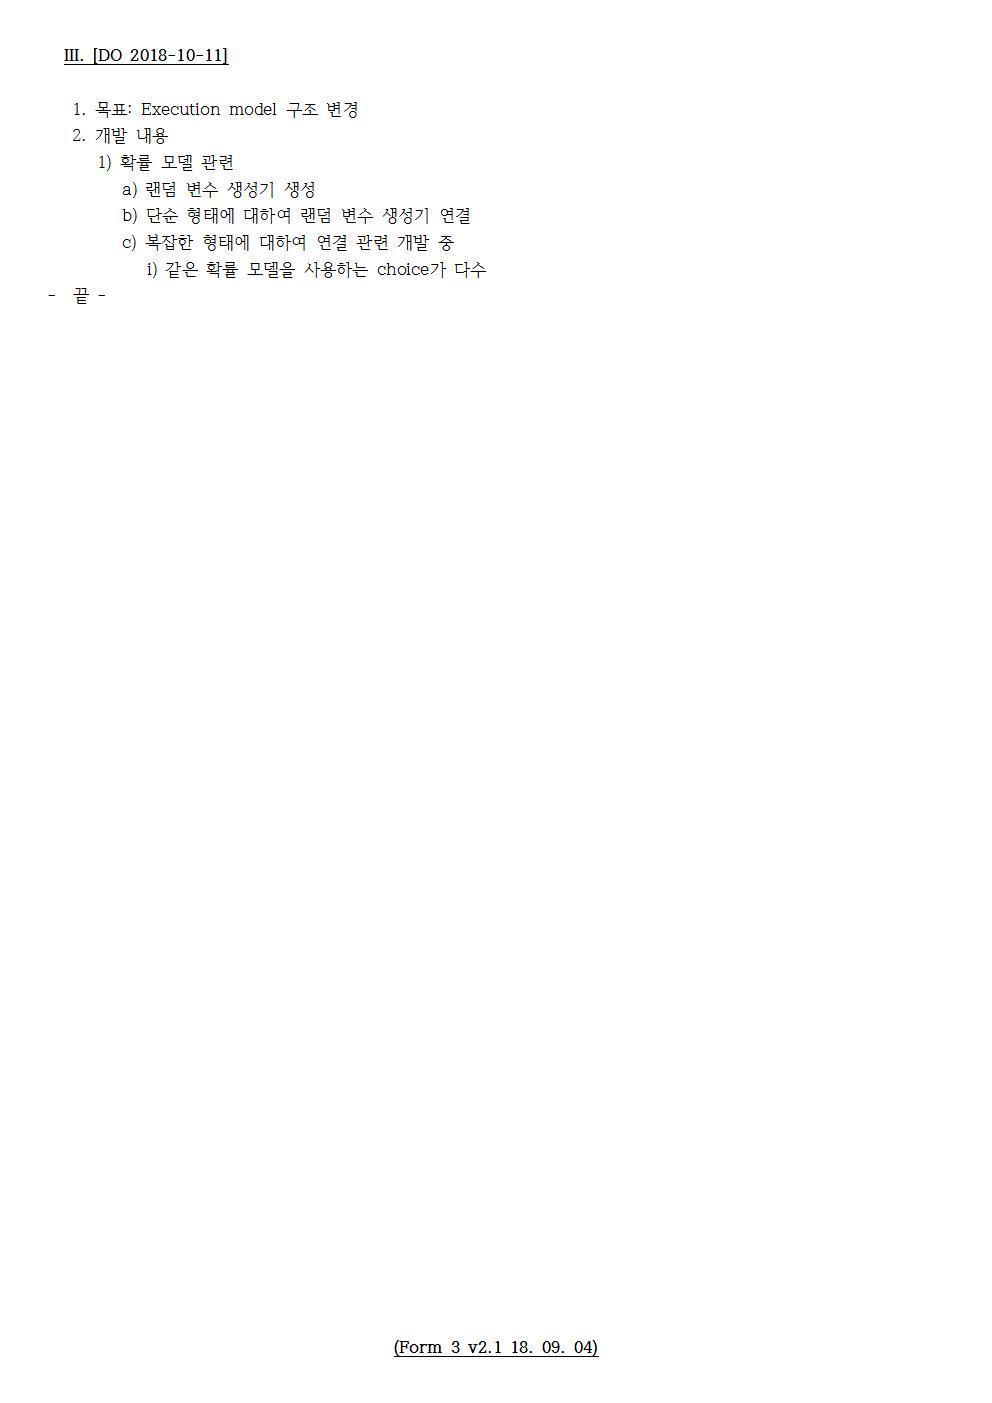 D-[18-001-RD-01]-[SAVE 3.0]-[2018-10-11][YB]002.jpg